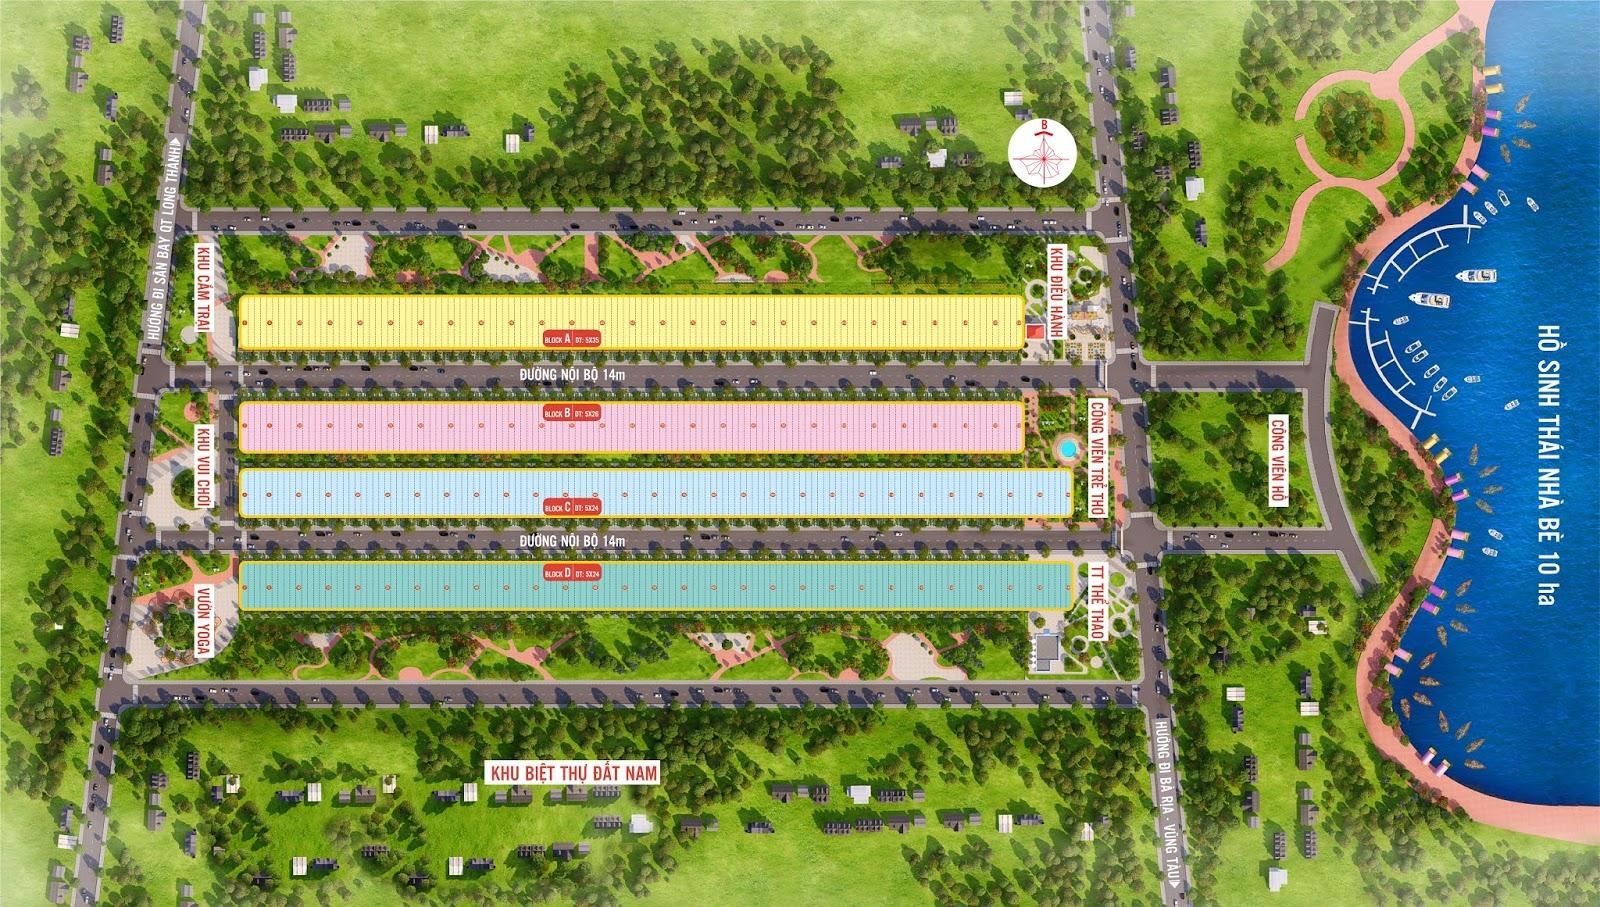 Bản đồ phân lô dự án Phú Mỹ Future City